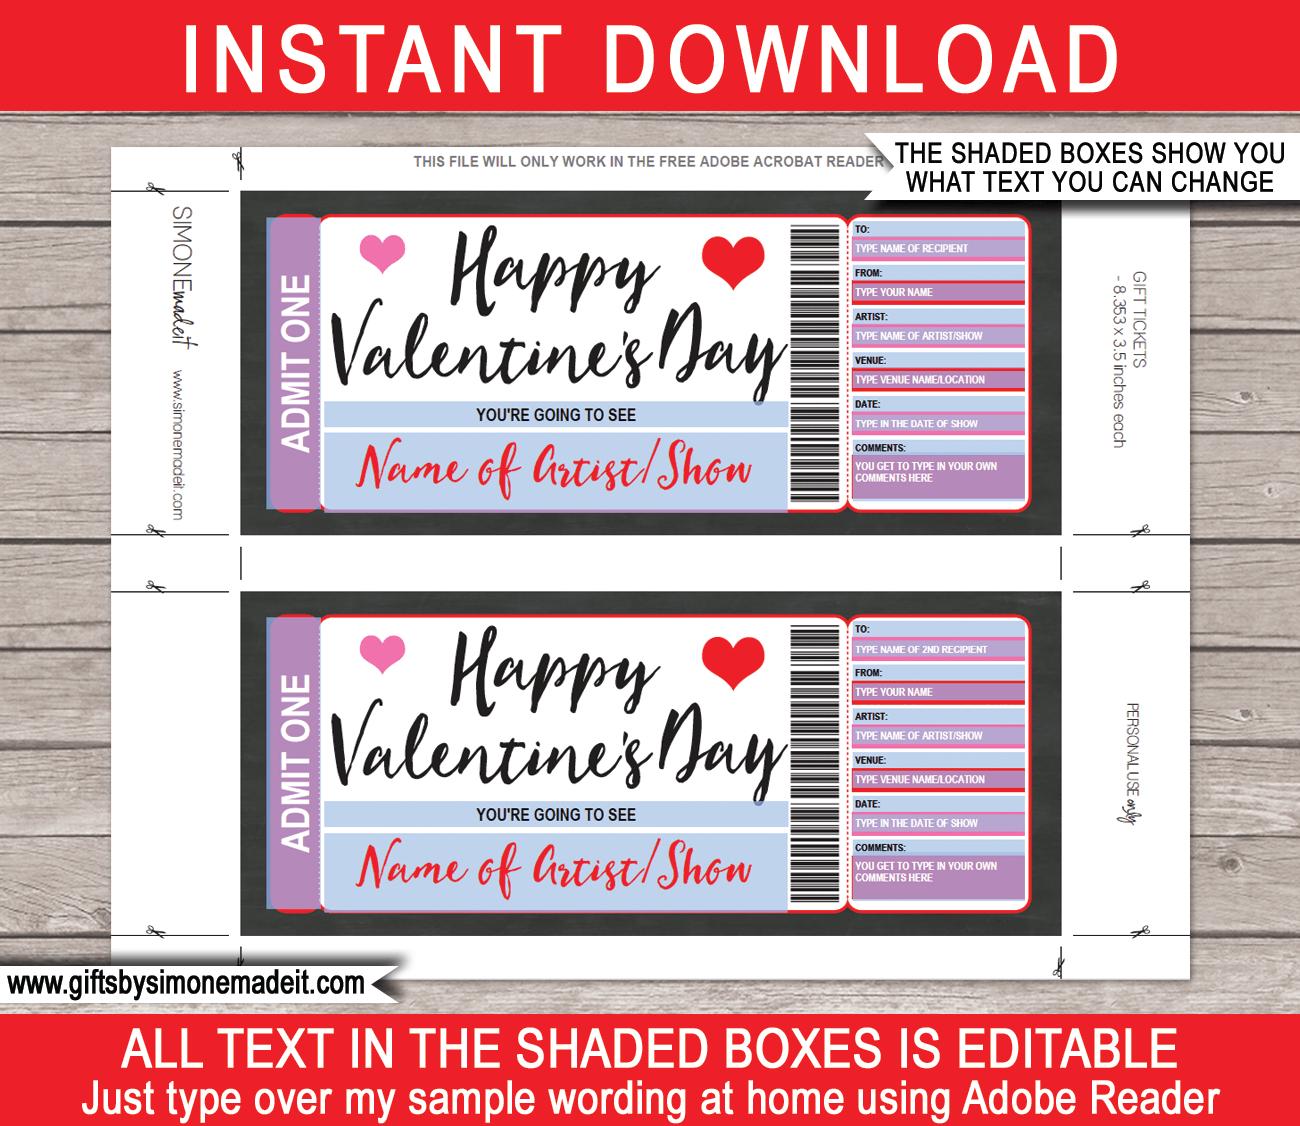 Valentine's Day Concert Ticket Gift Voucher Regarding Movie Gift Certificate Template